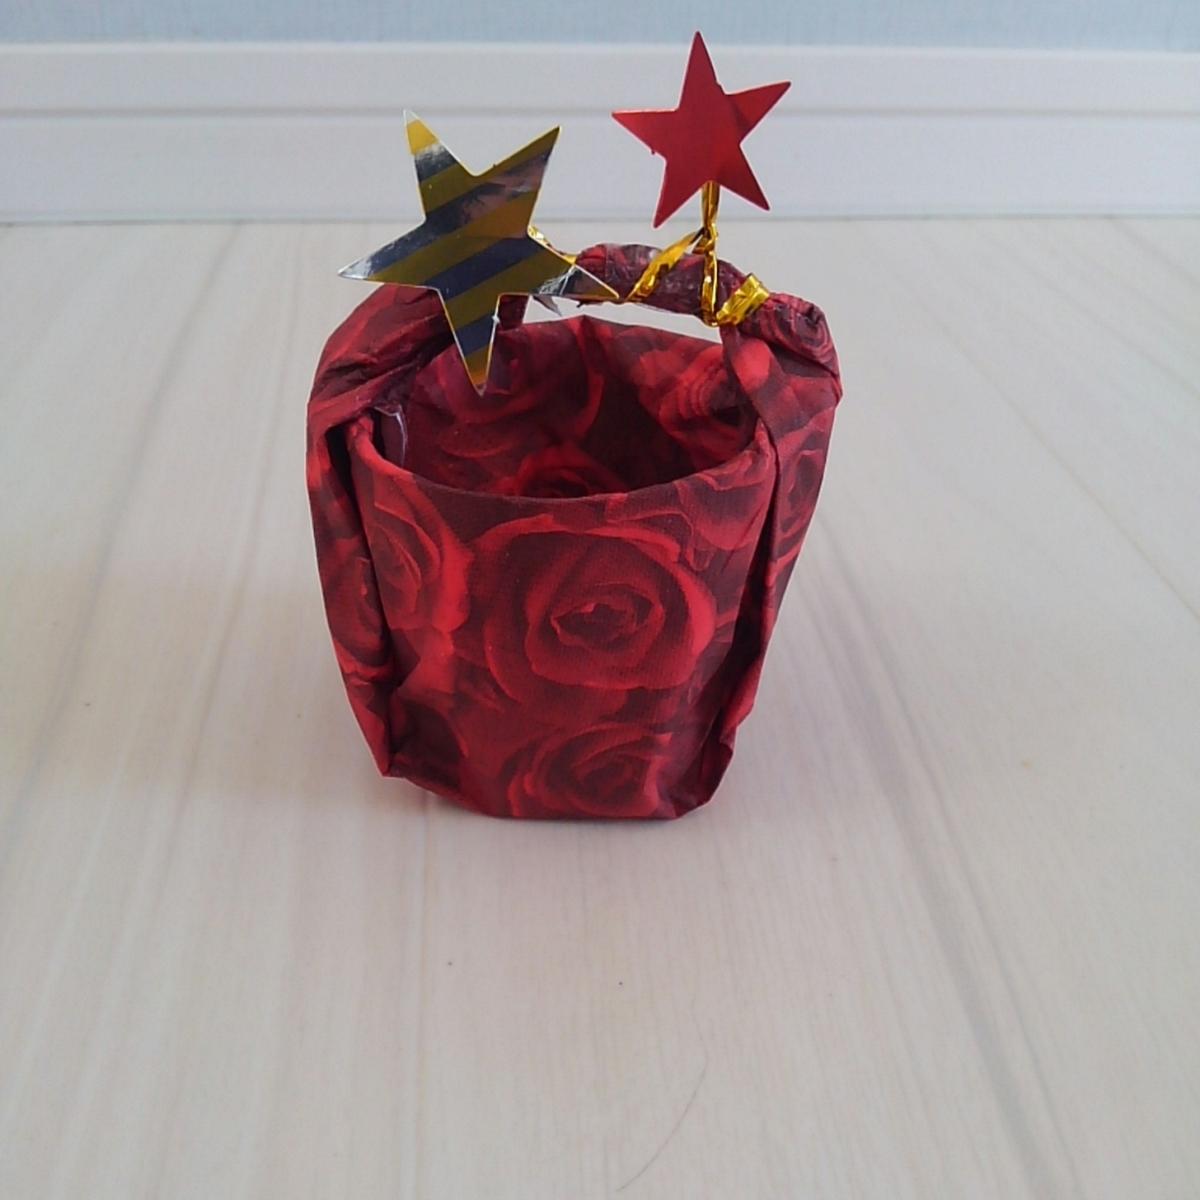 ハロウィン お菓子バッグ 紙コップ 0円工作